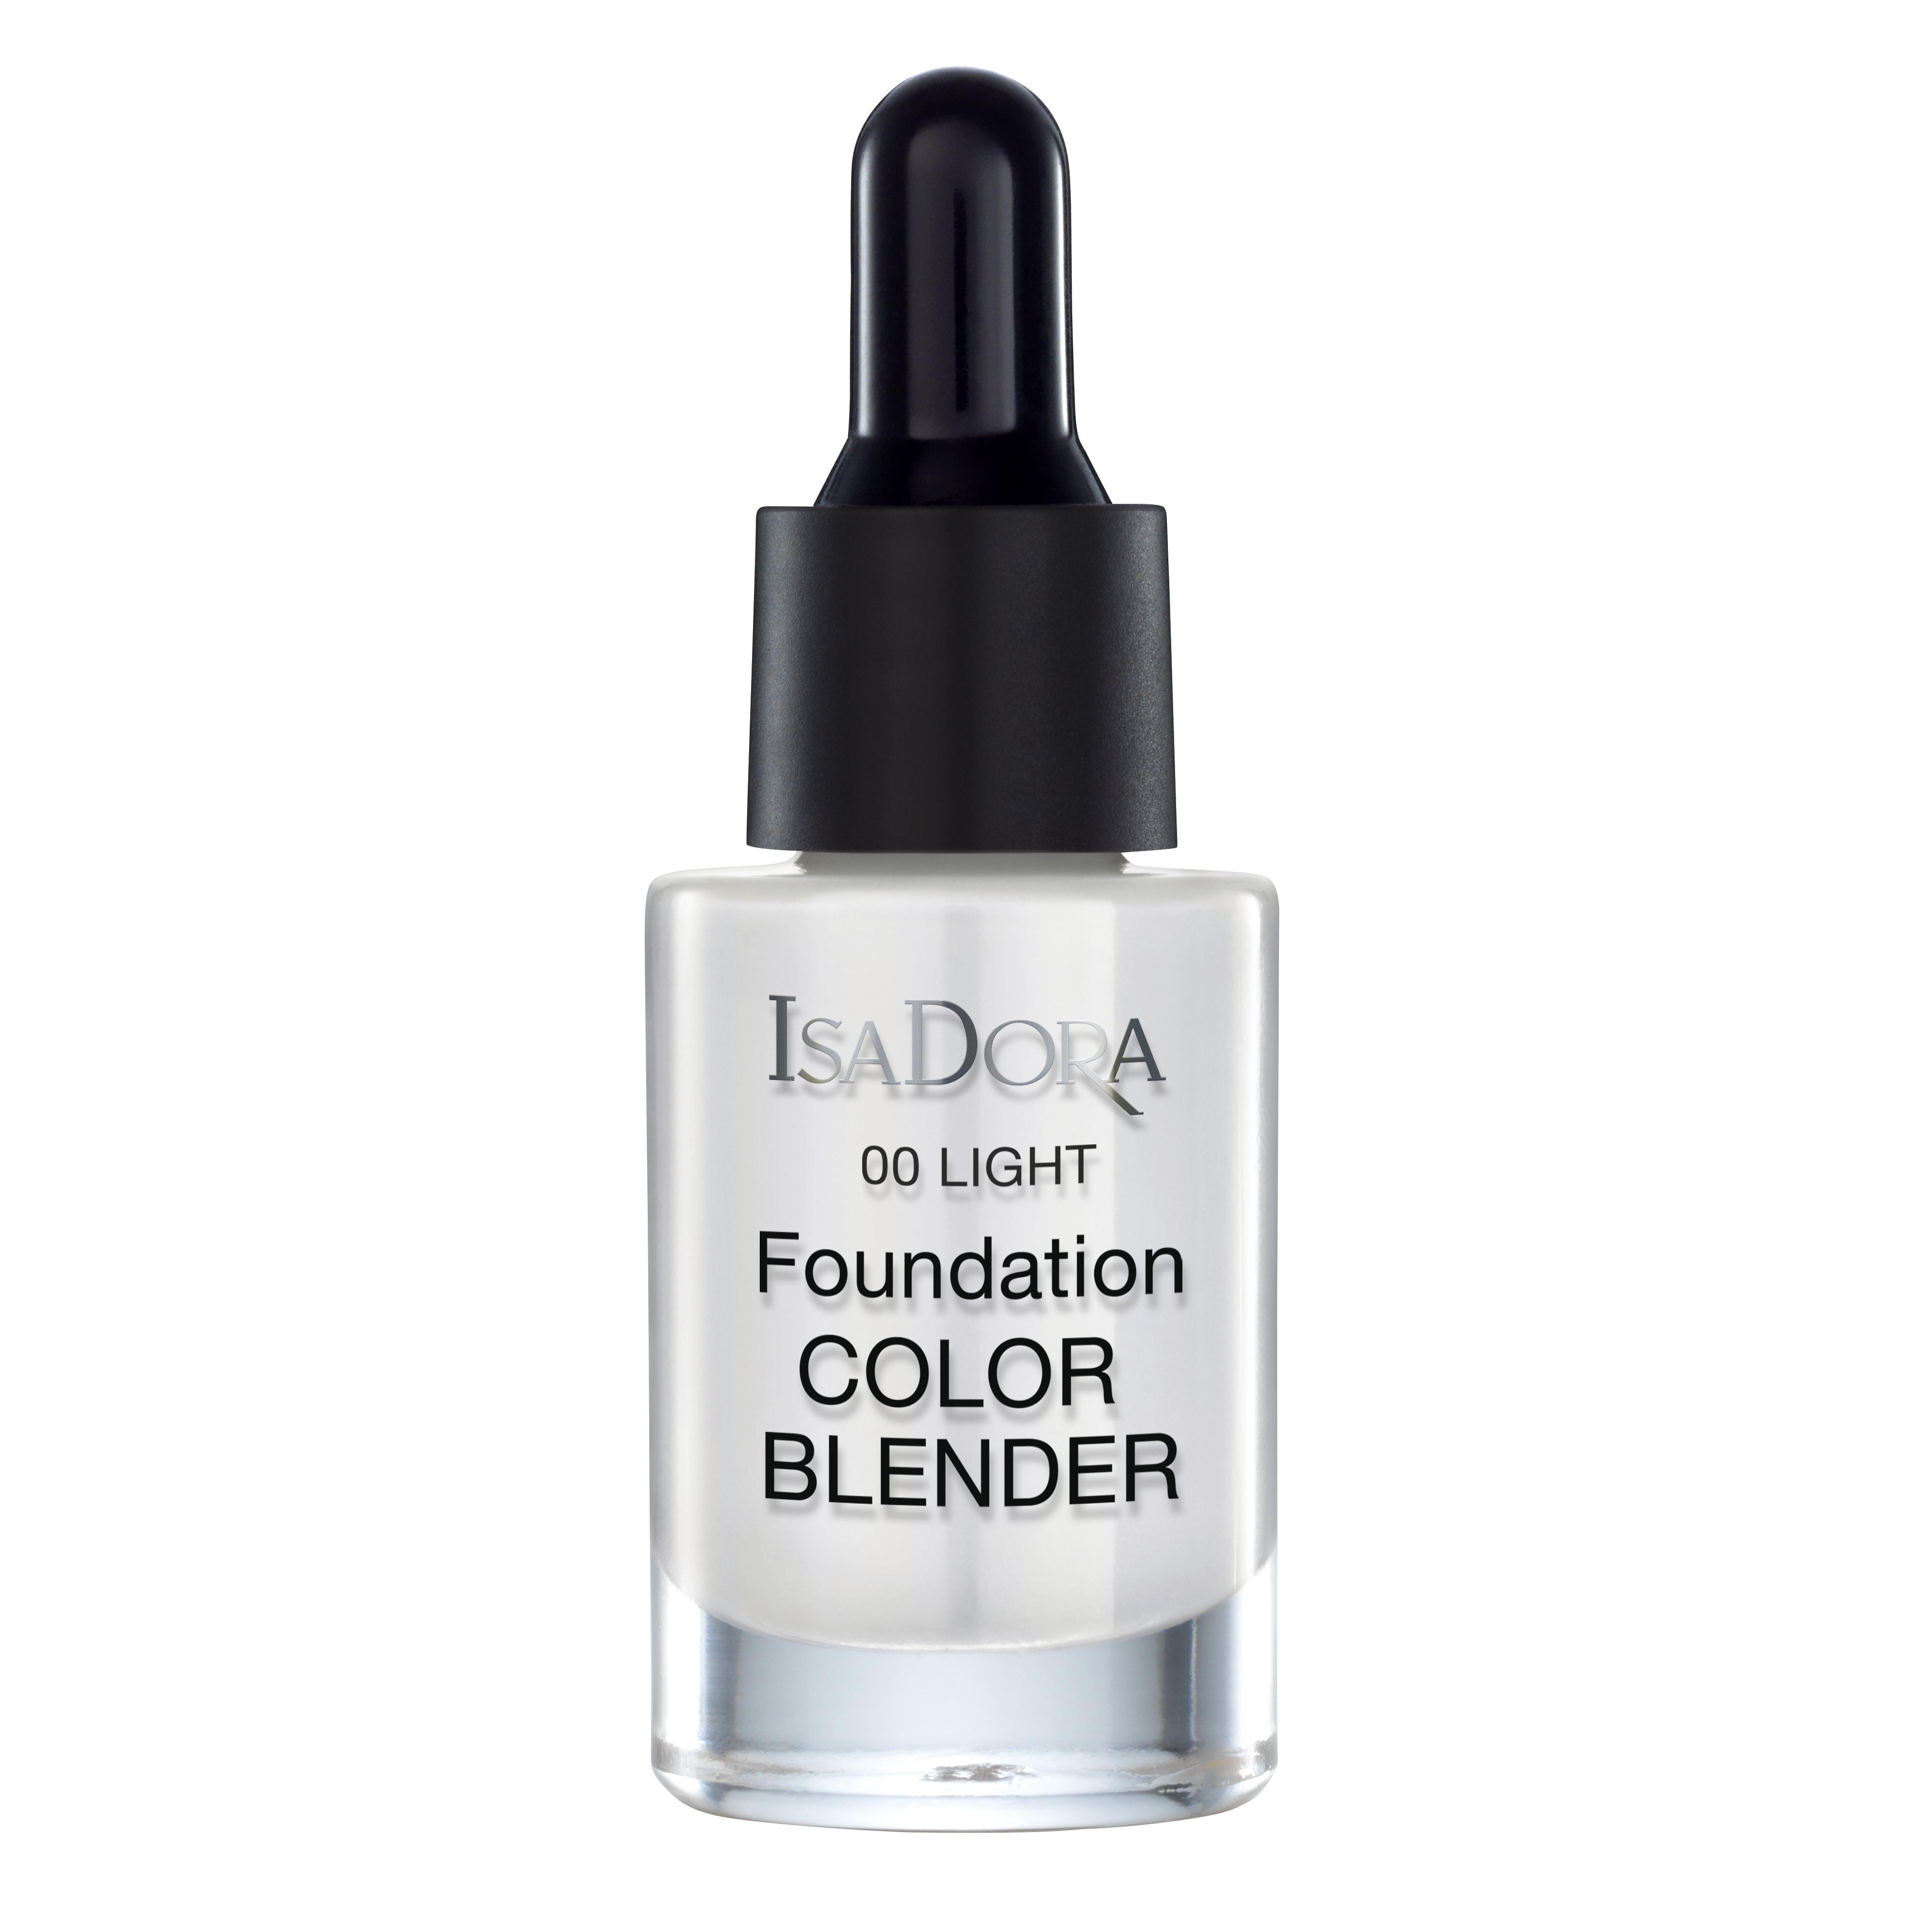 Foundation Color Blender 00Light